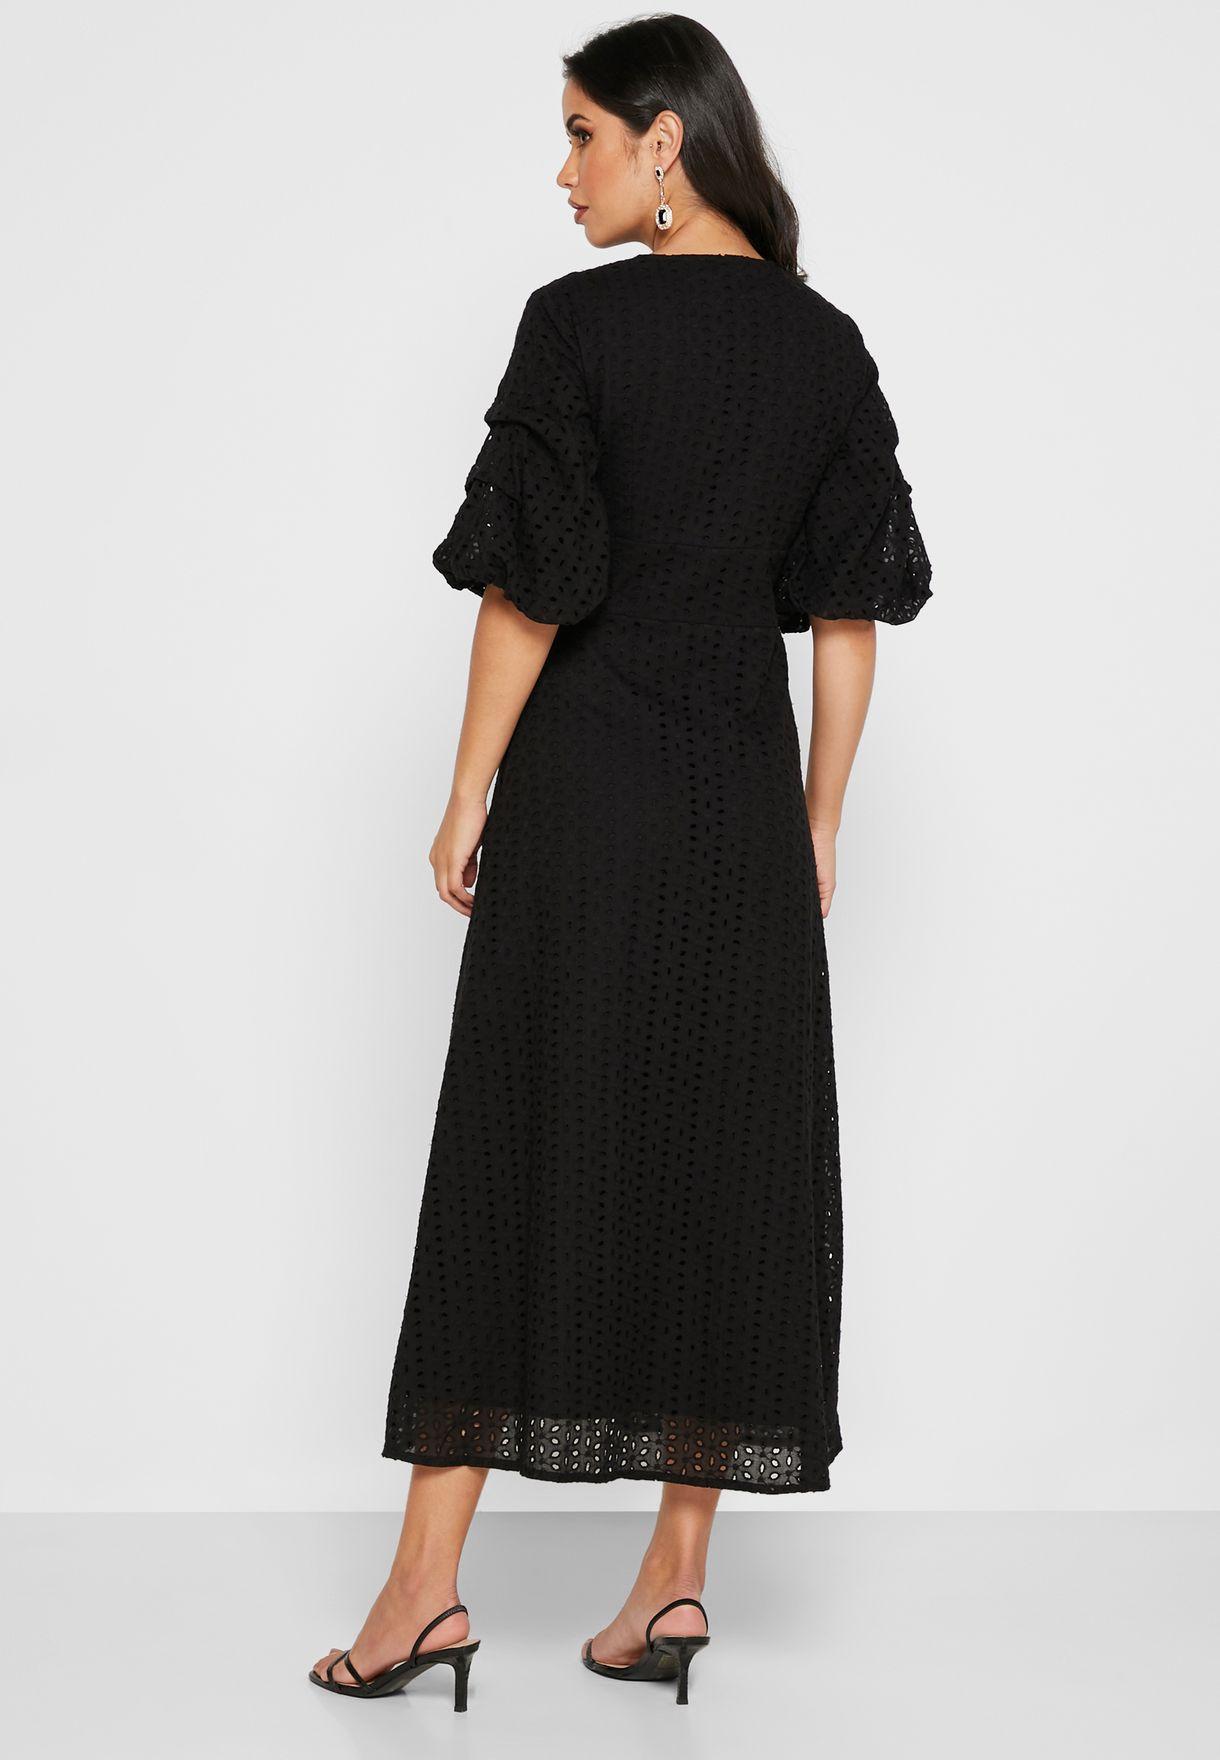 Schiffli Midi Dress